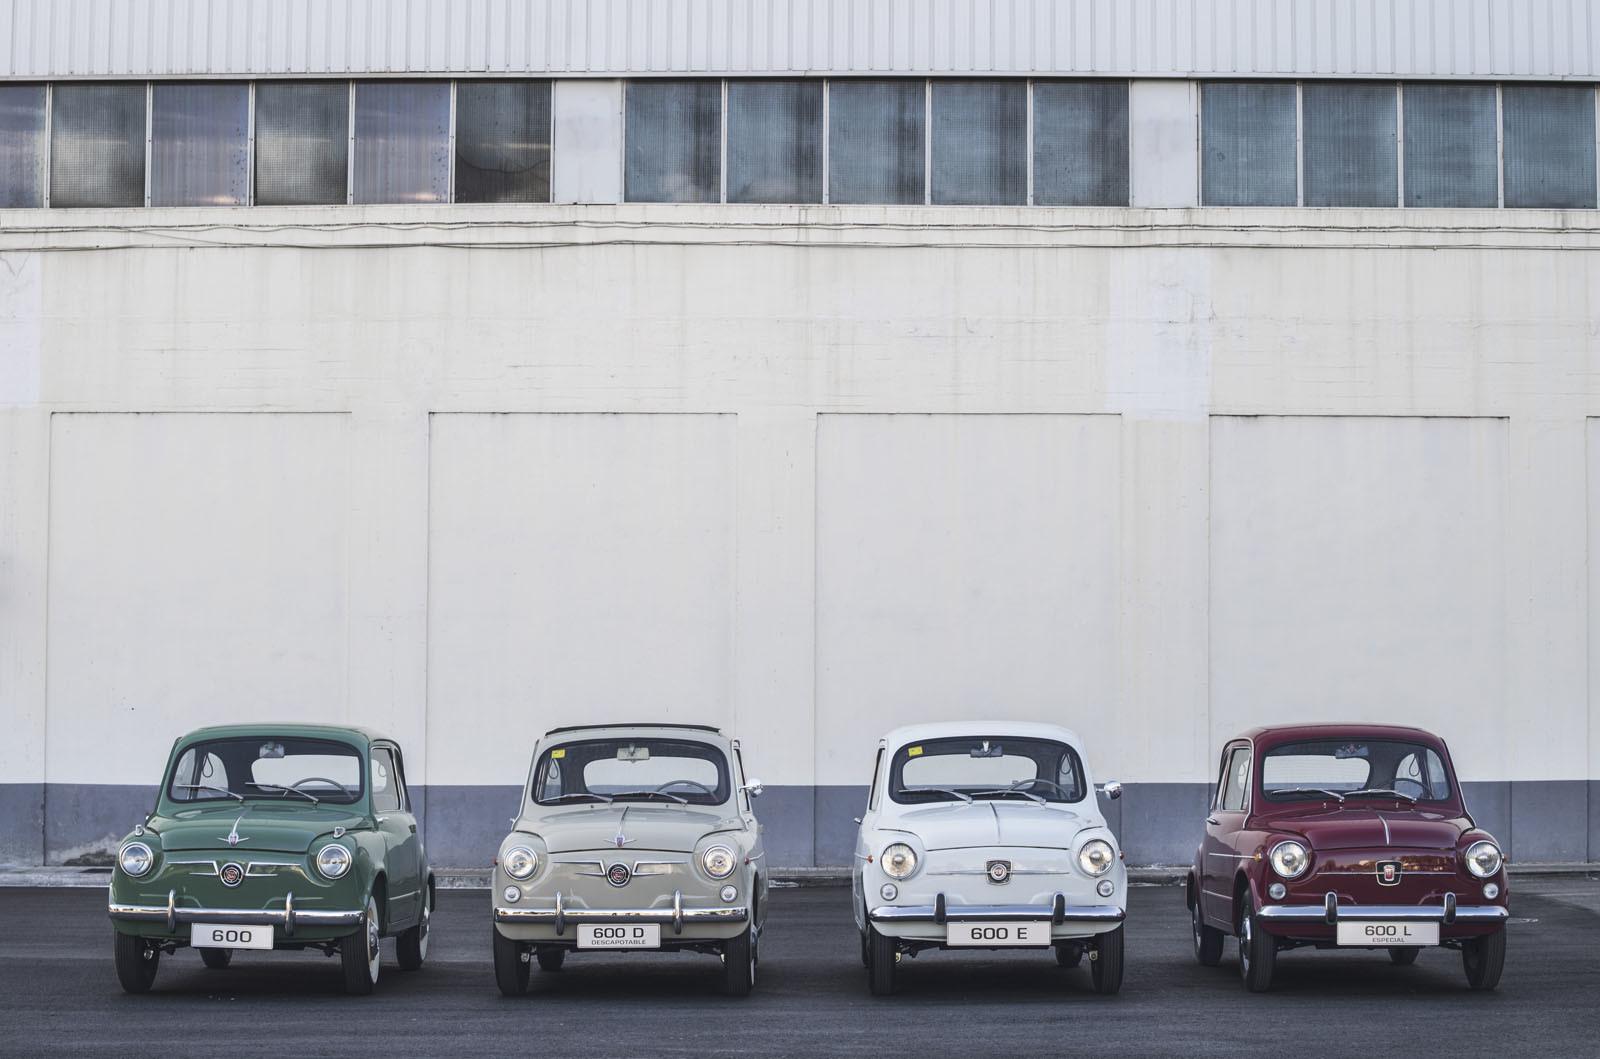 Foto de SEAT 600 (50 Aniversario) (8/64)